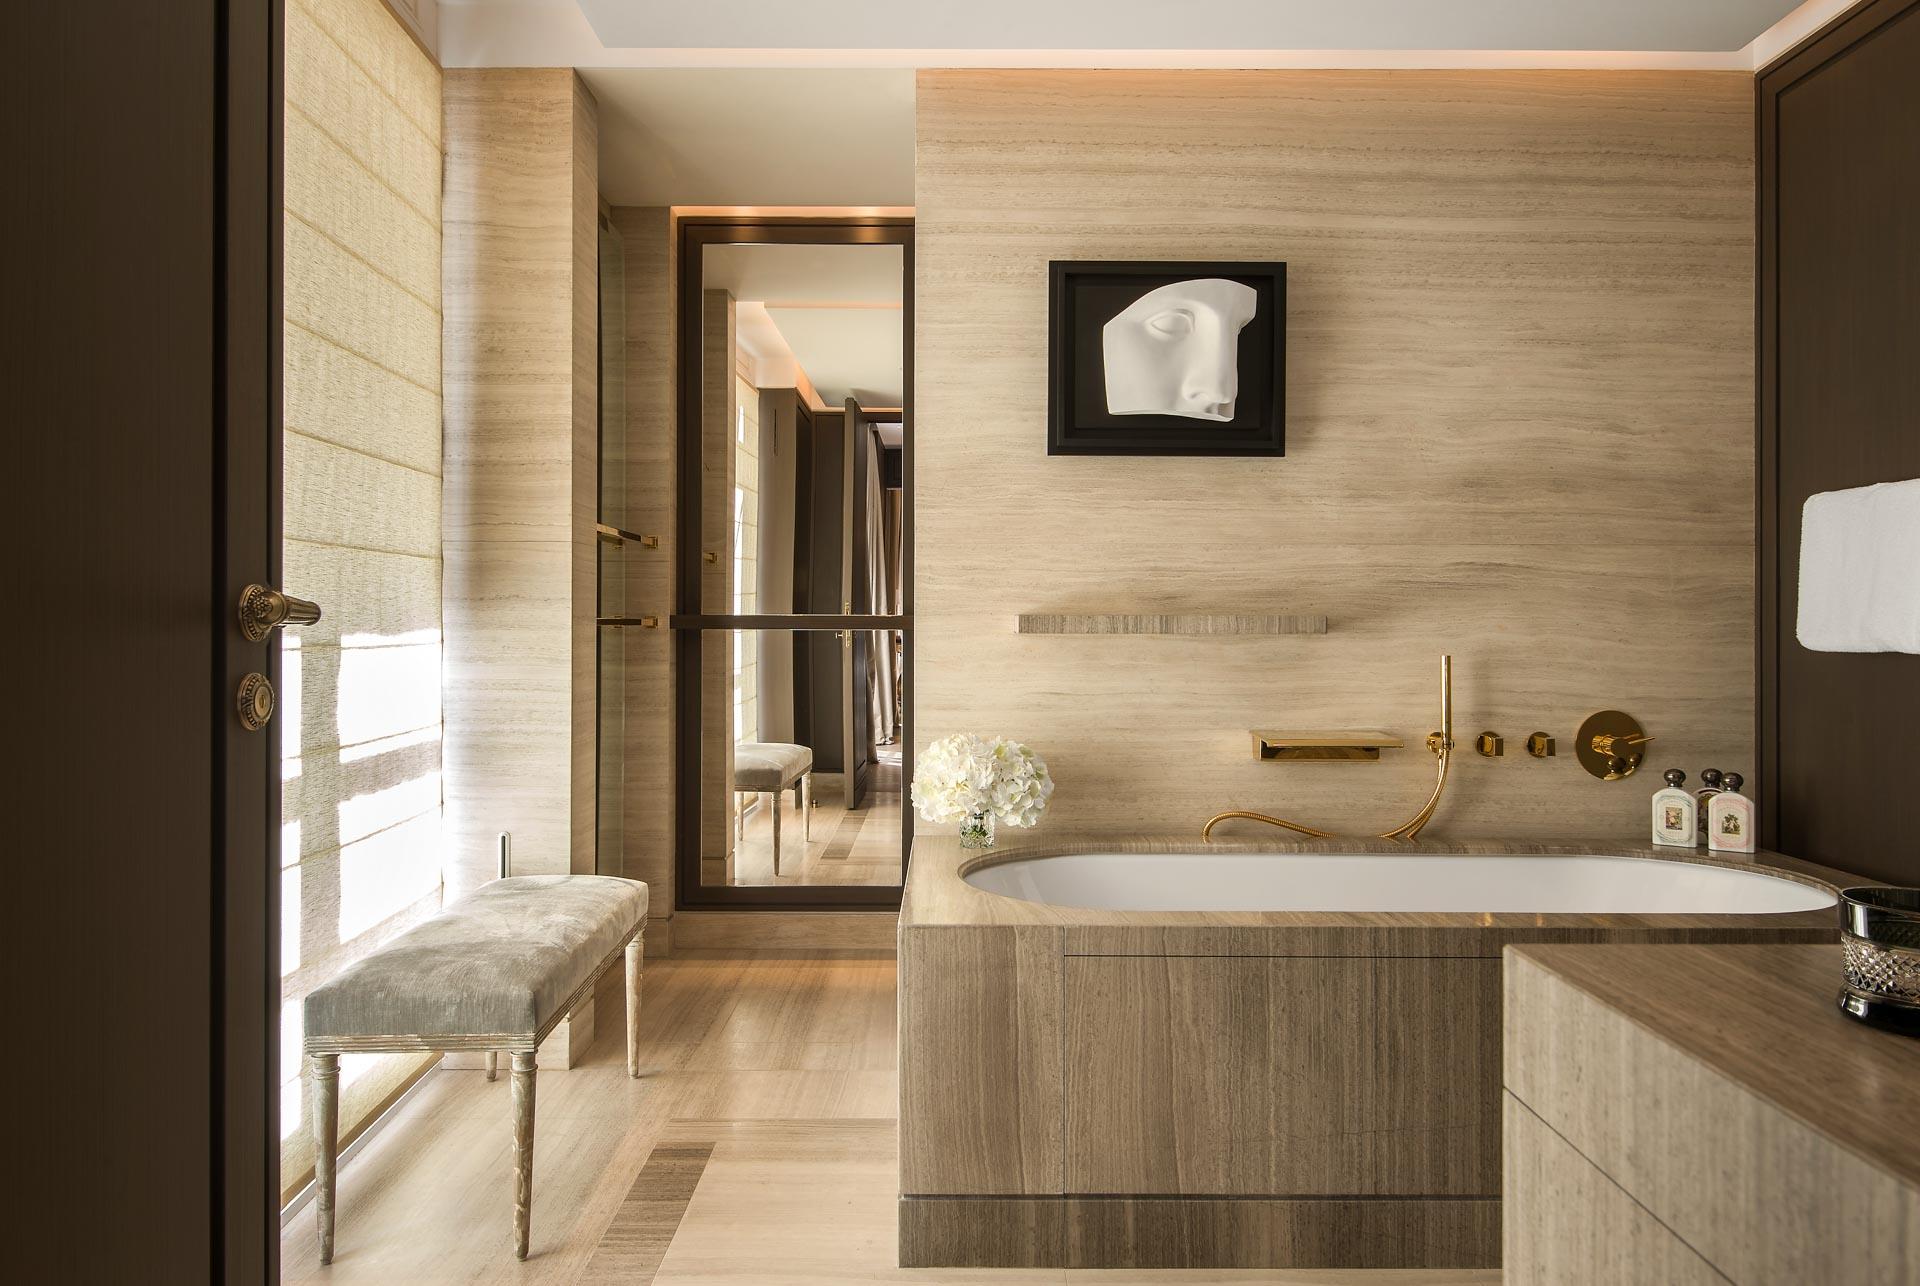 ... et contrastent avec l'élégance toute contemporaine de la chambre et de la salle de bain